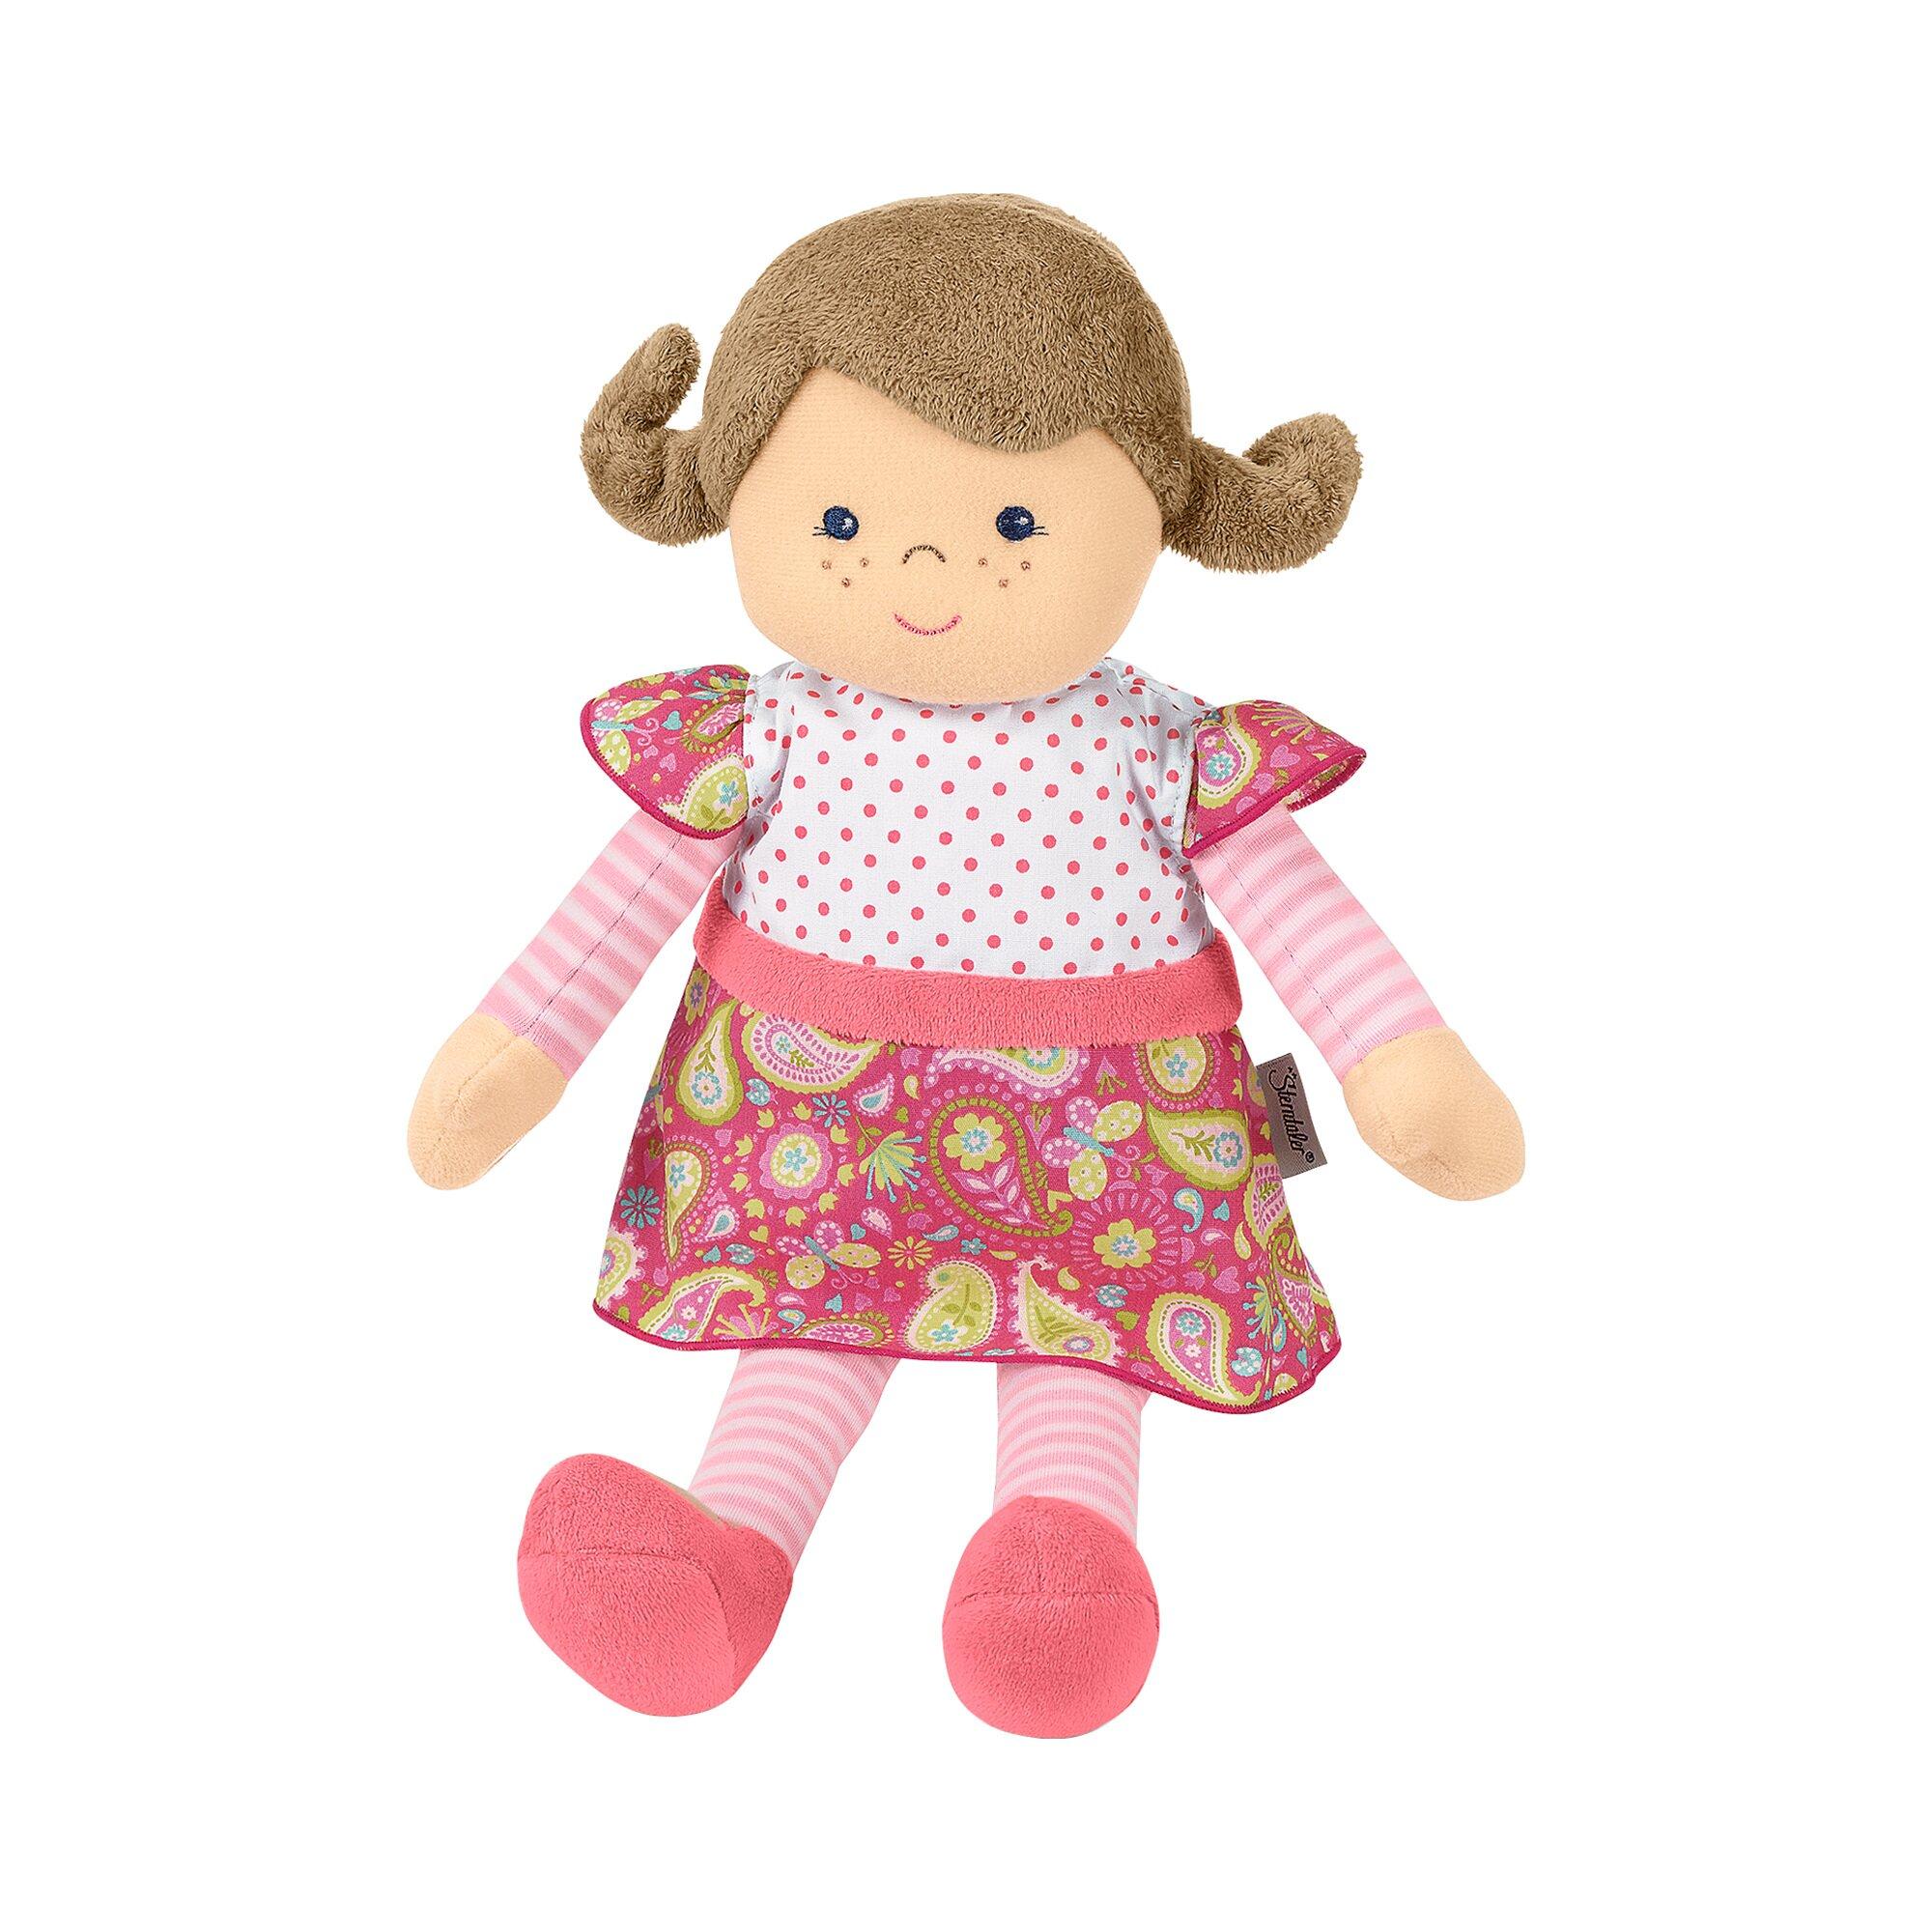 Sterntaler Puppe Gesa 33cm